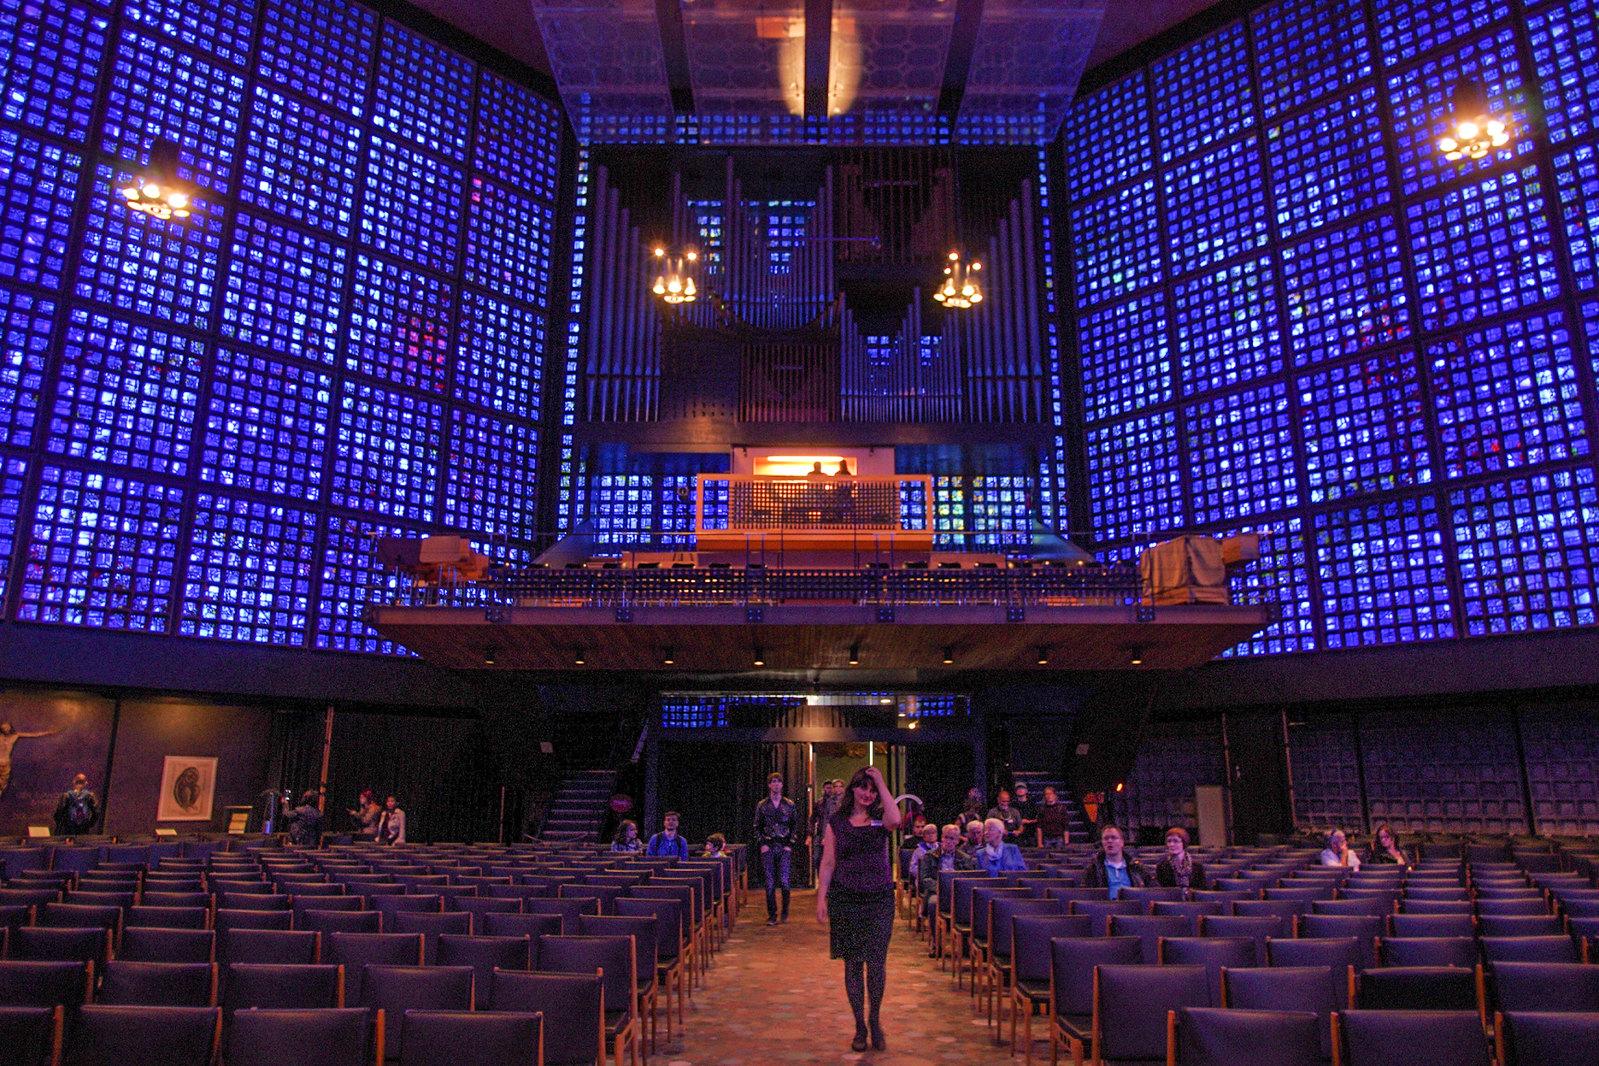 Architecture à Berlin - La nouvelle église du souvenir, par Egon Eiermann